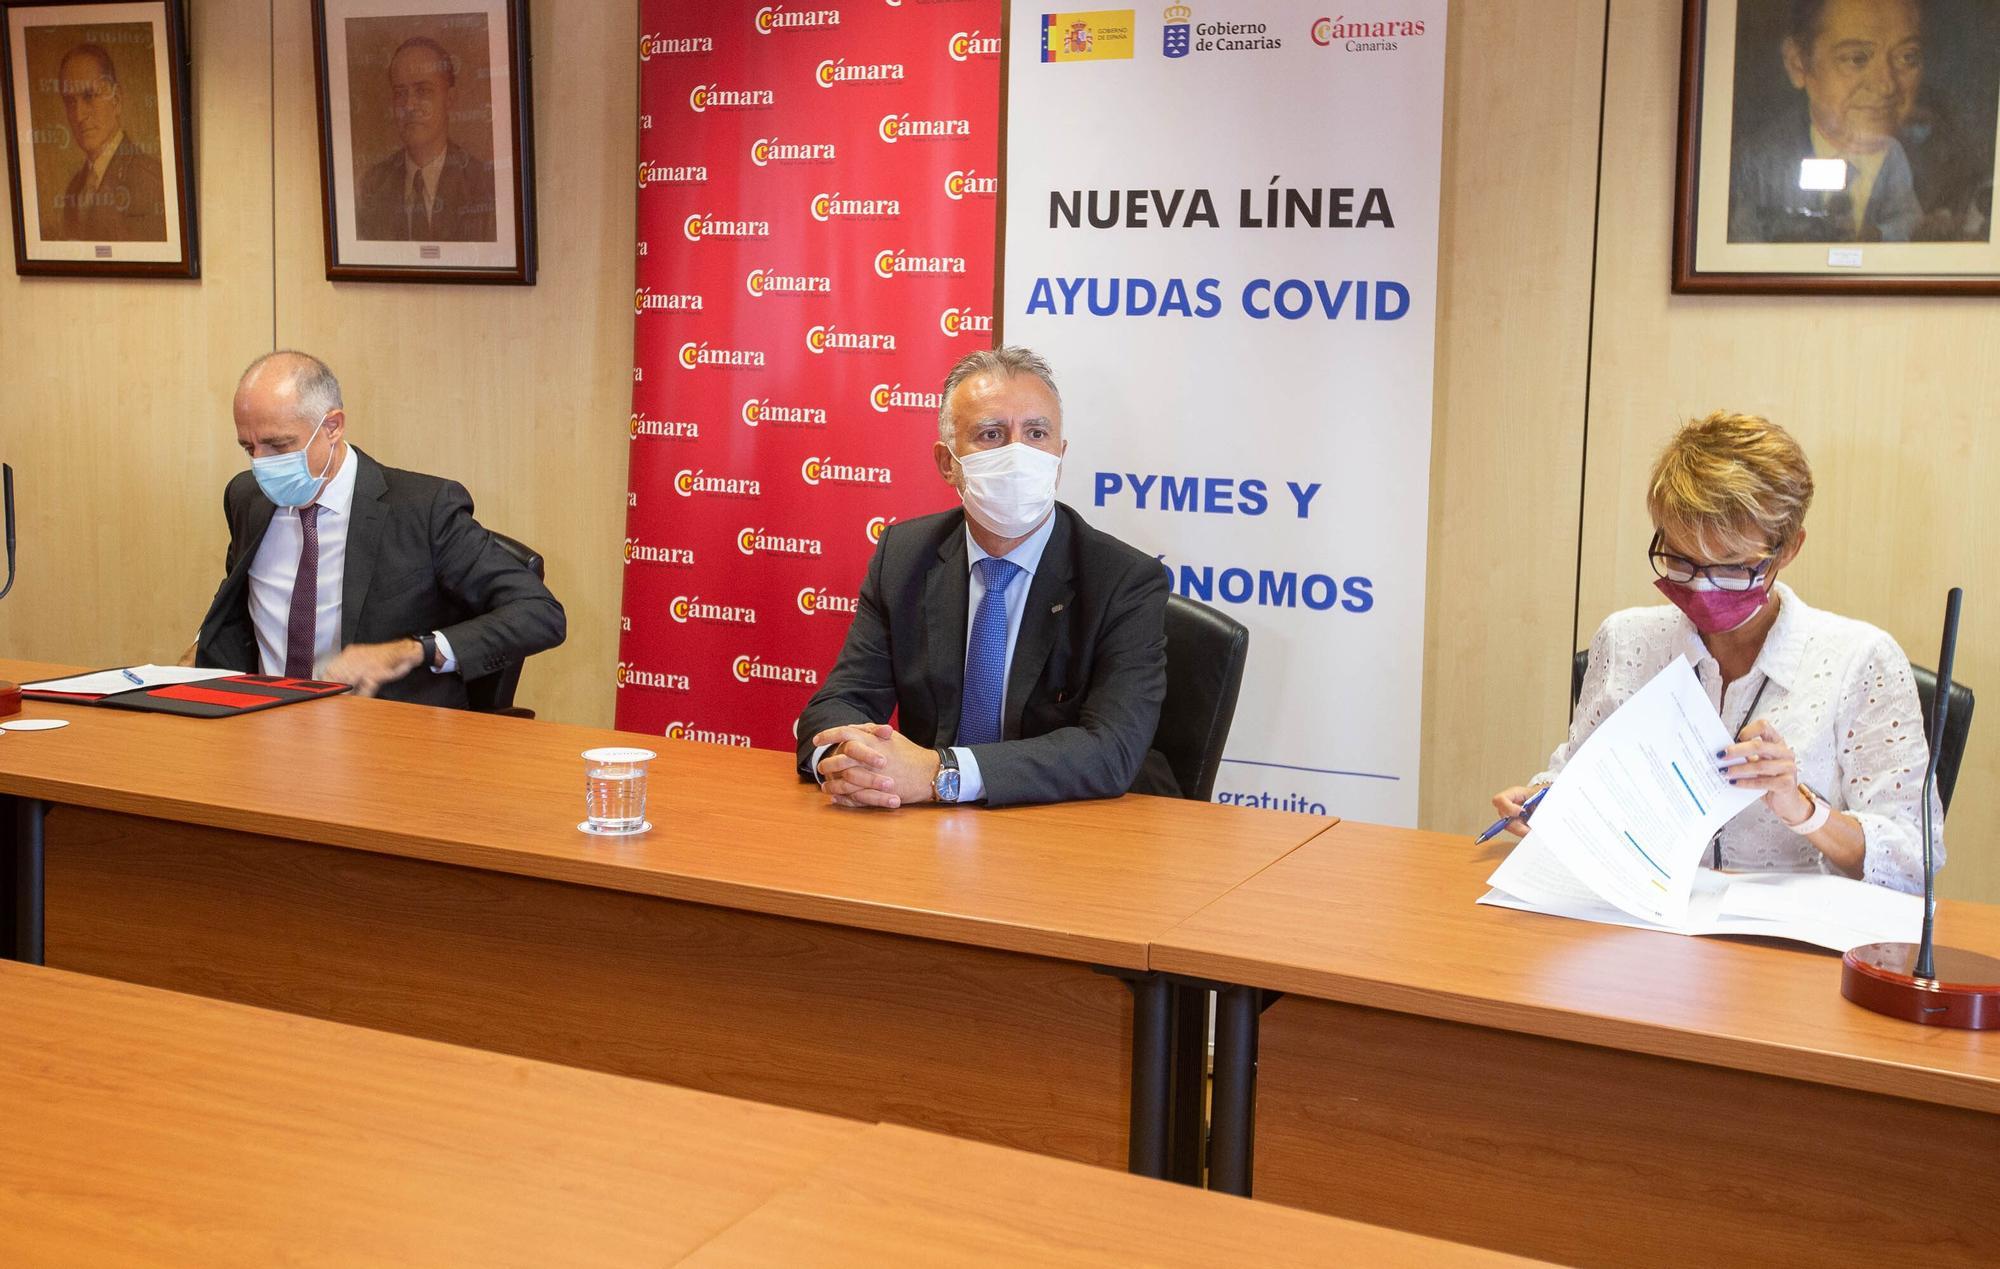 Convocatoria de ayudas para pymes en Canarias